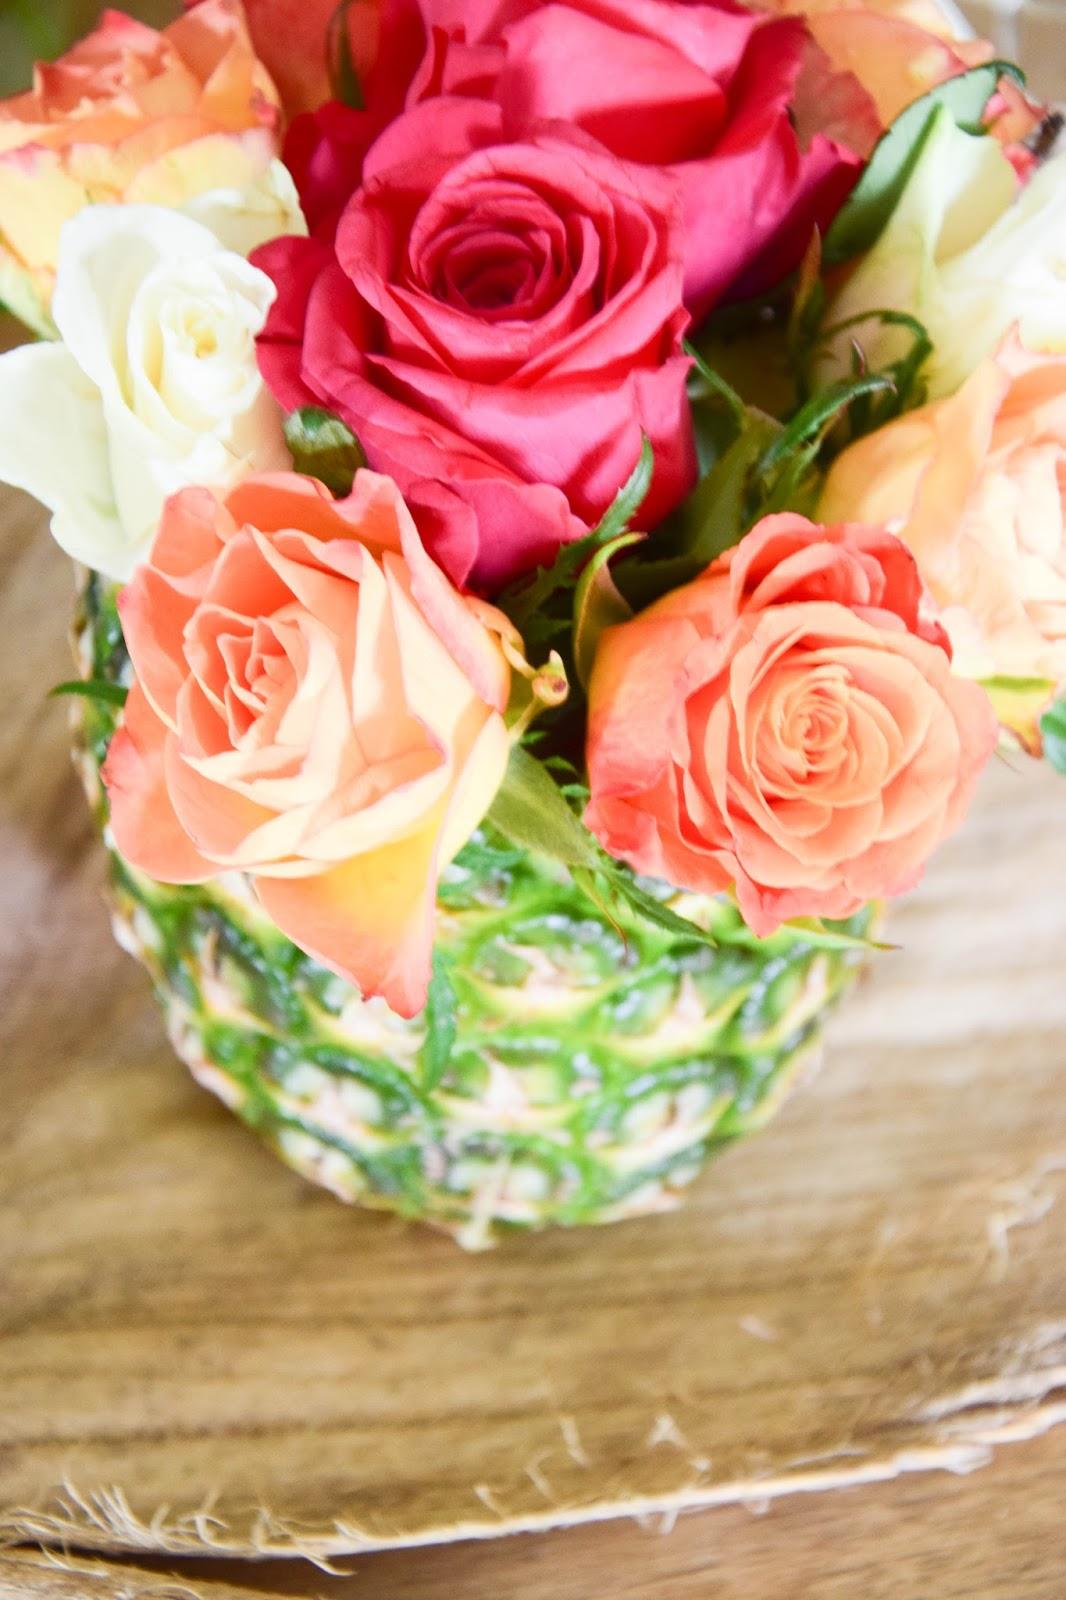 DIY Vase aus Ananas: einfach und in 5 Minuten fertig! Perfekte Tischdeko für jede Sommerparty. Ideal für bunte Sträusse und laue Sommernächte